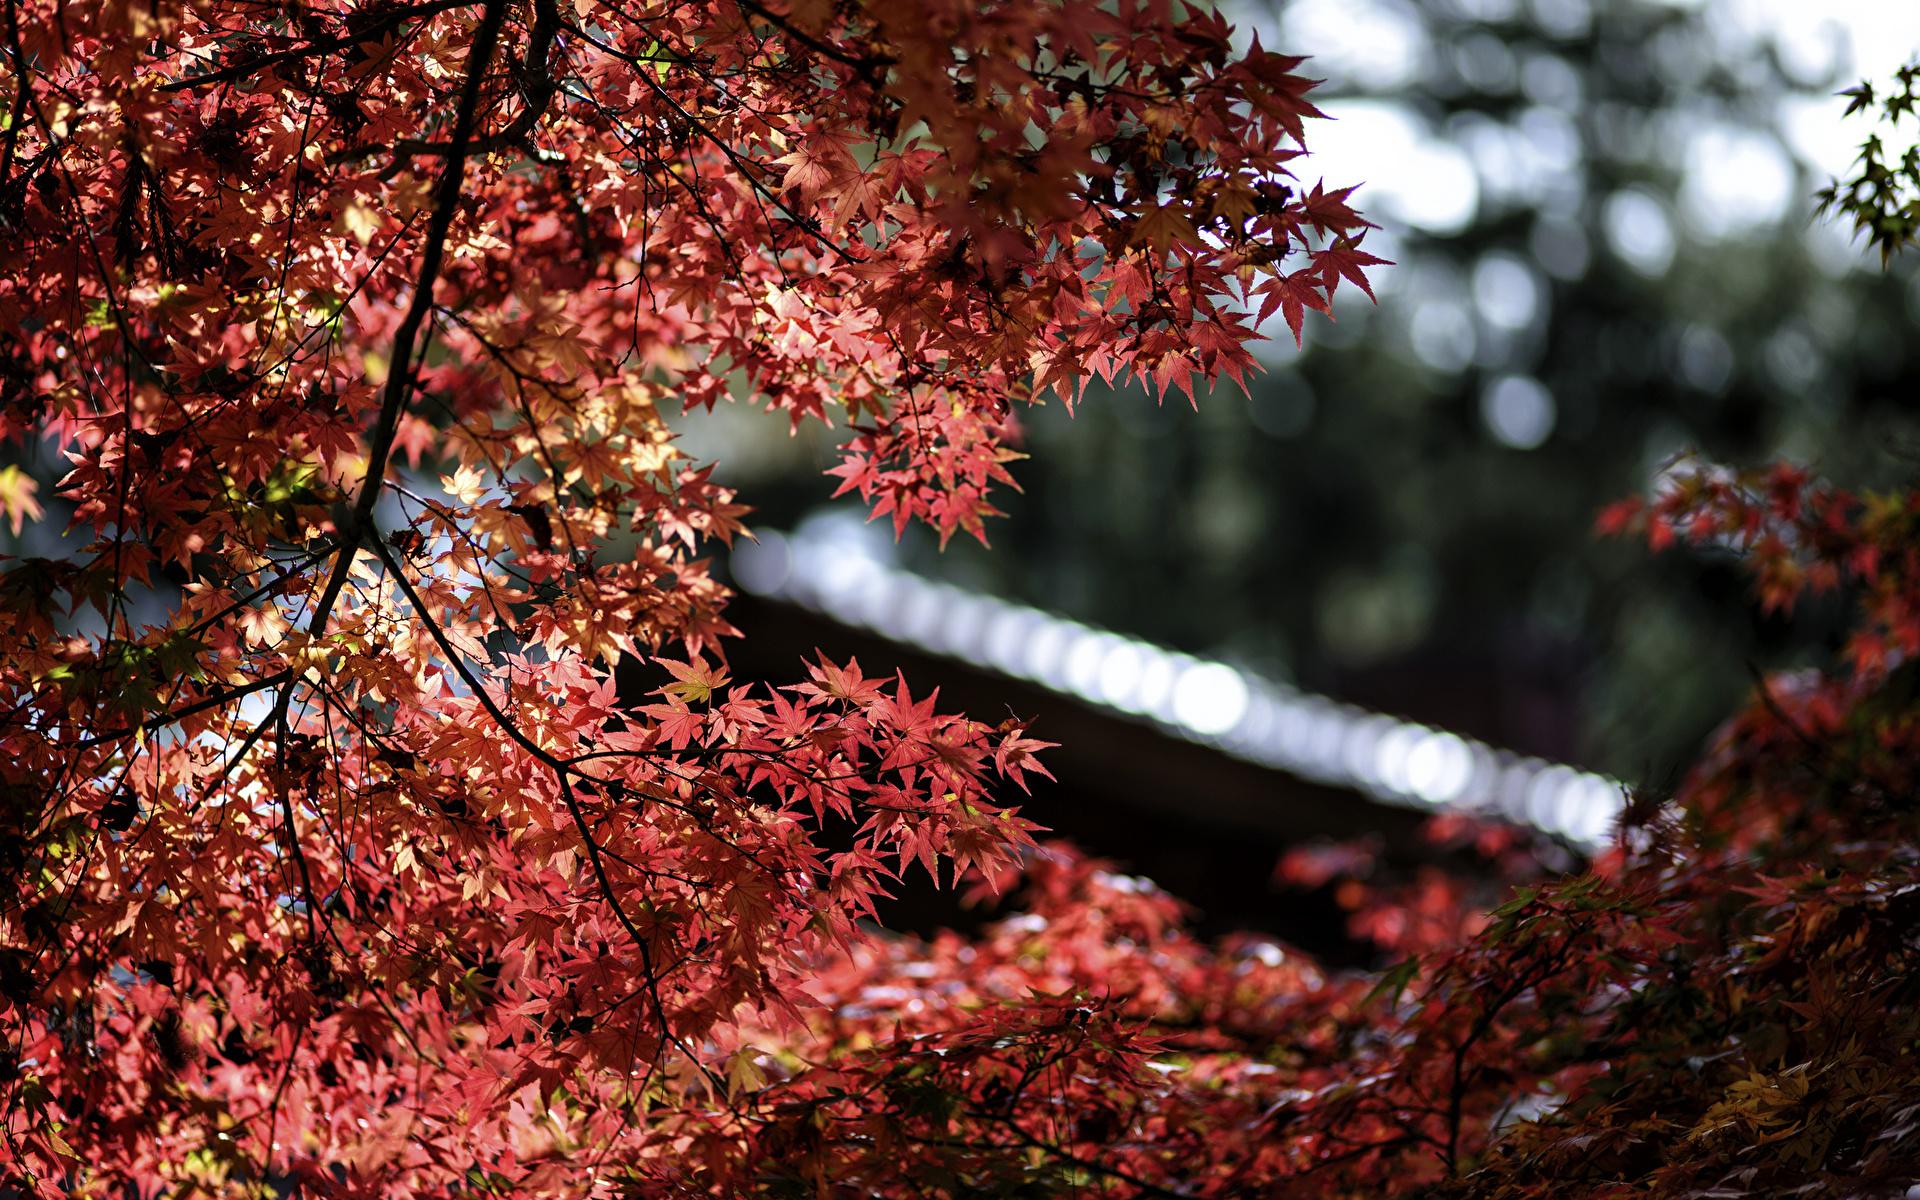 листья дерево фокус скачать